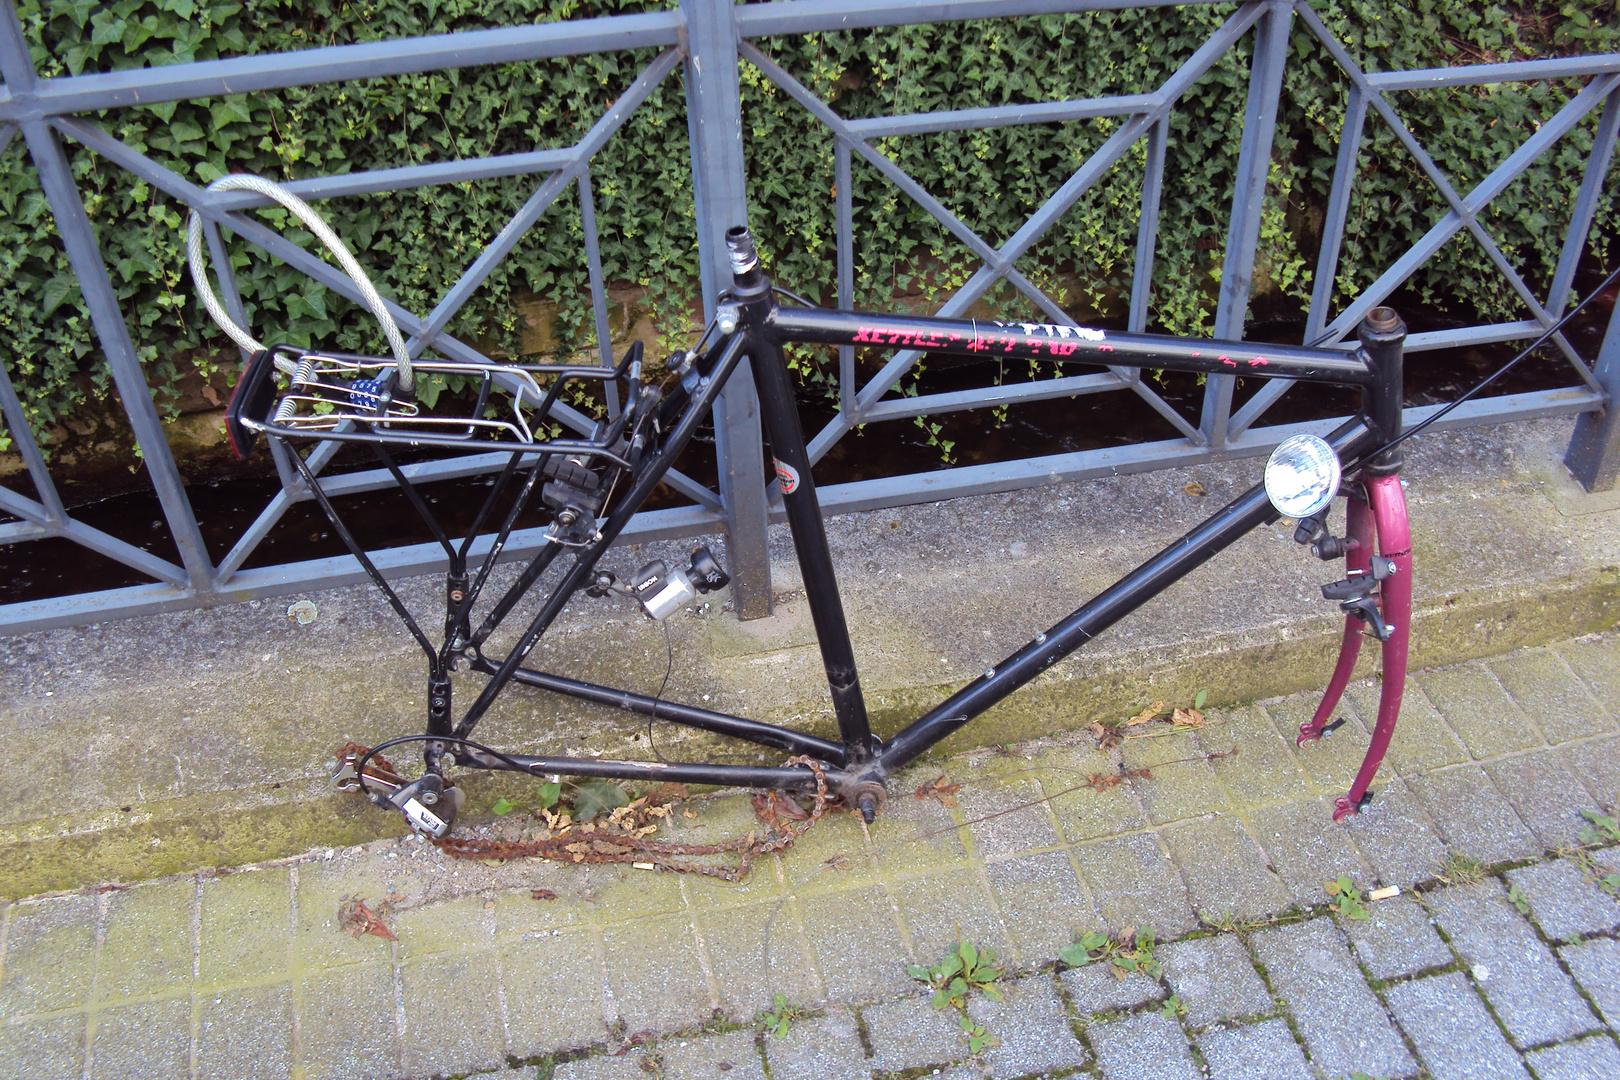 Freiburger Fahrradleiche (die erste)